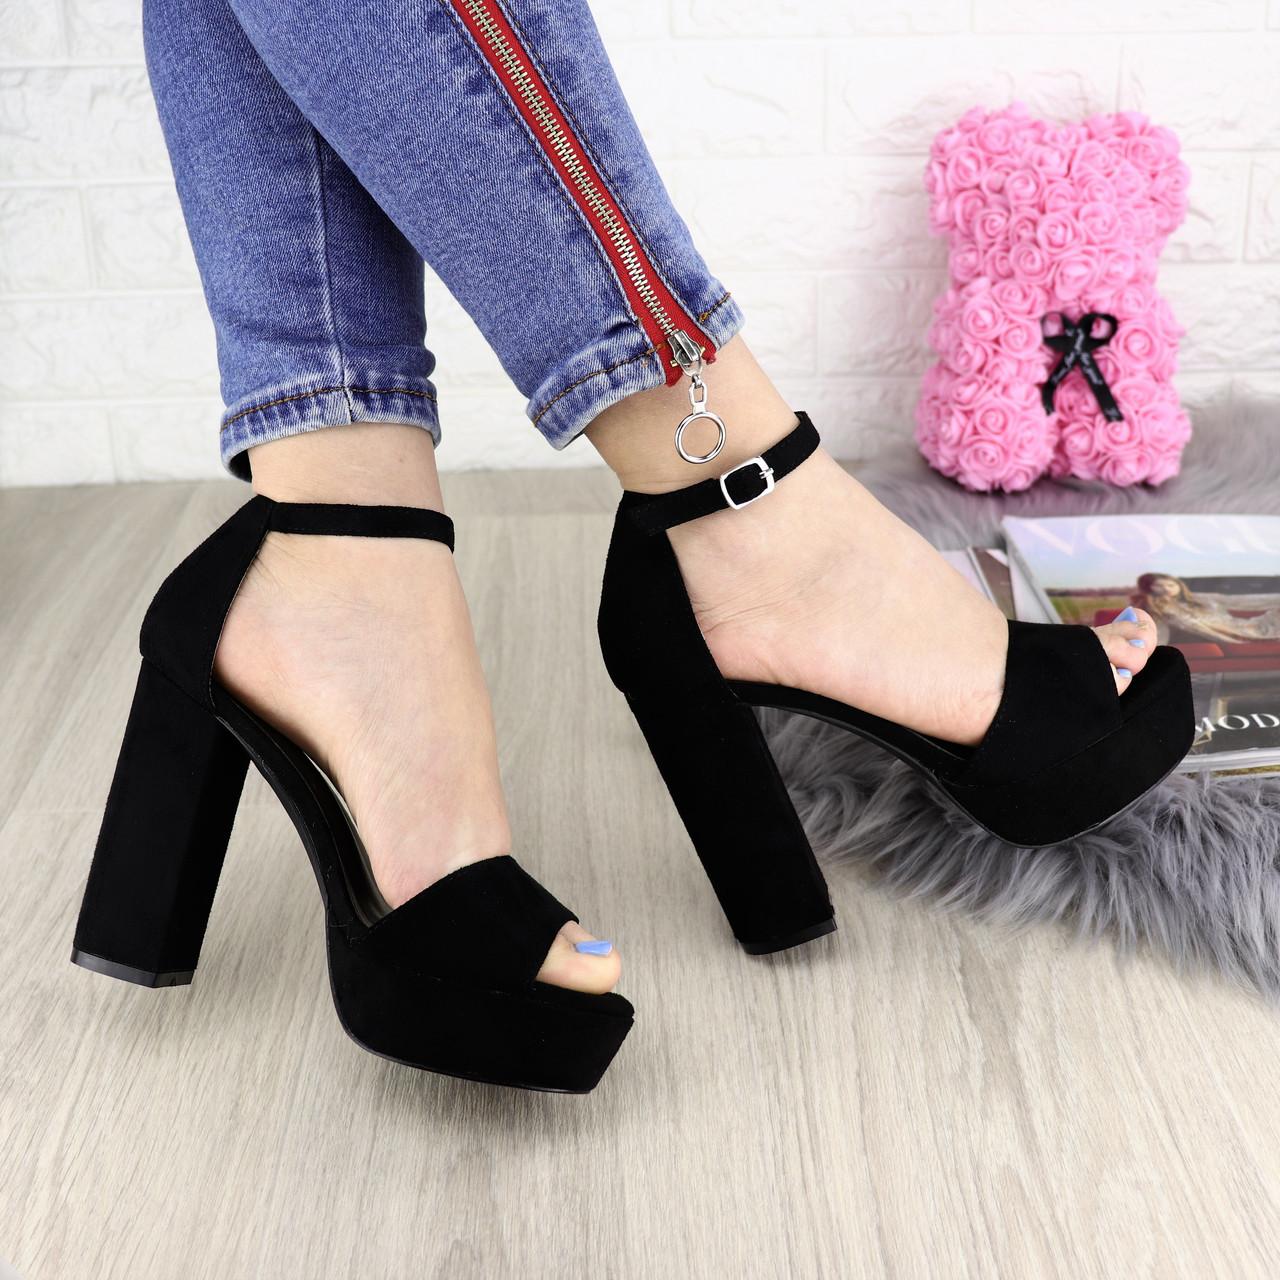 b2f4b5a6 Женские стильные черные босоножки Manila на каблуке 1192 - Я в шоке!™ в  Хмельницком